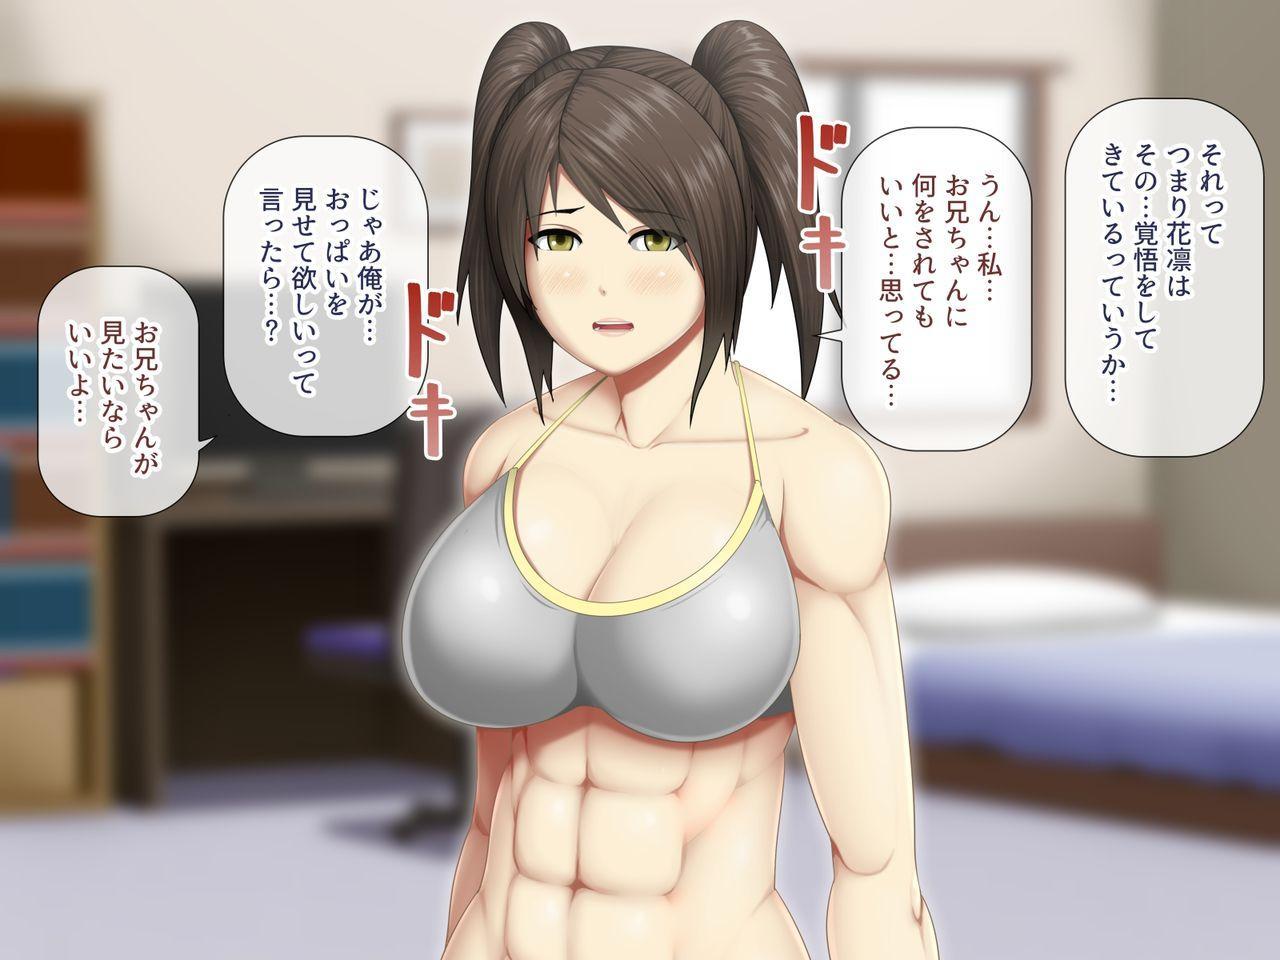 Uchiki na Jyumai ga Ore no Tame ni Karada o Kitaeta Kekka 9